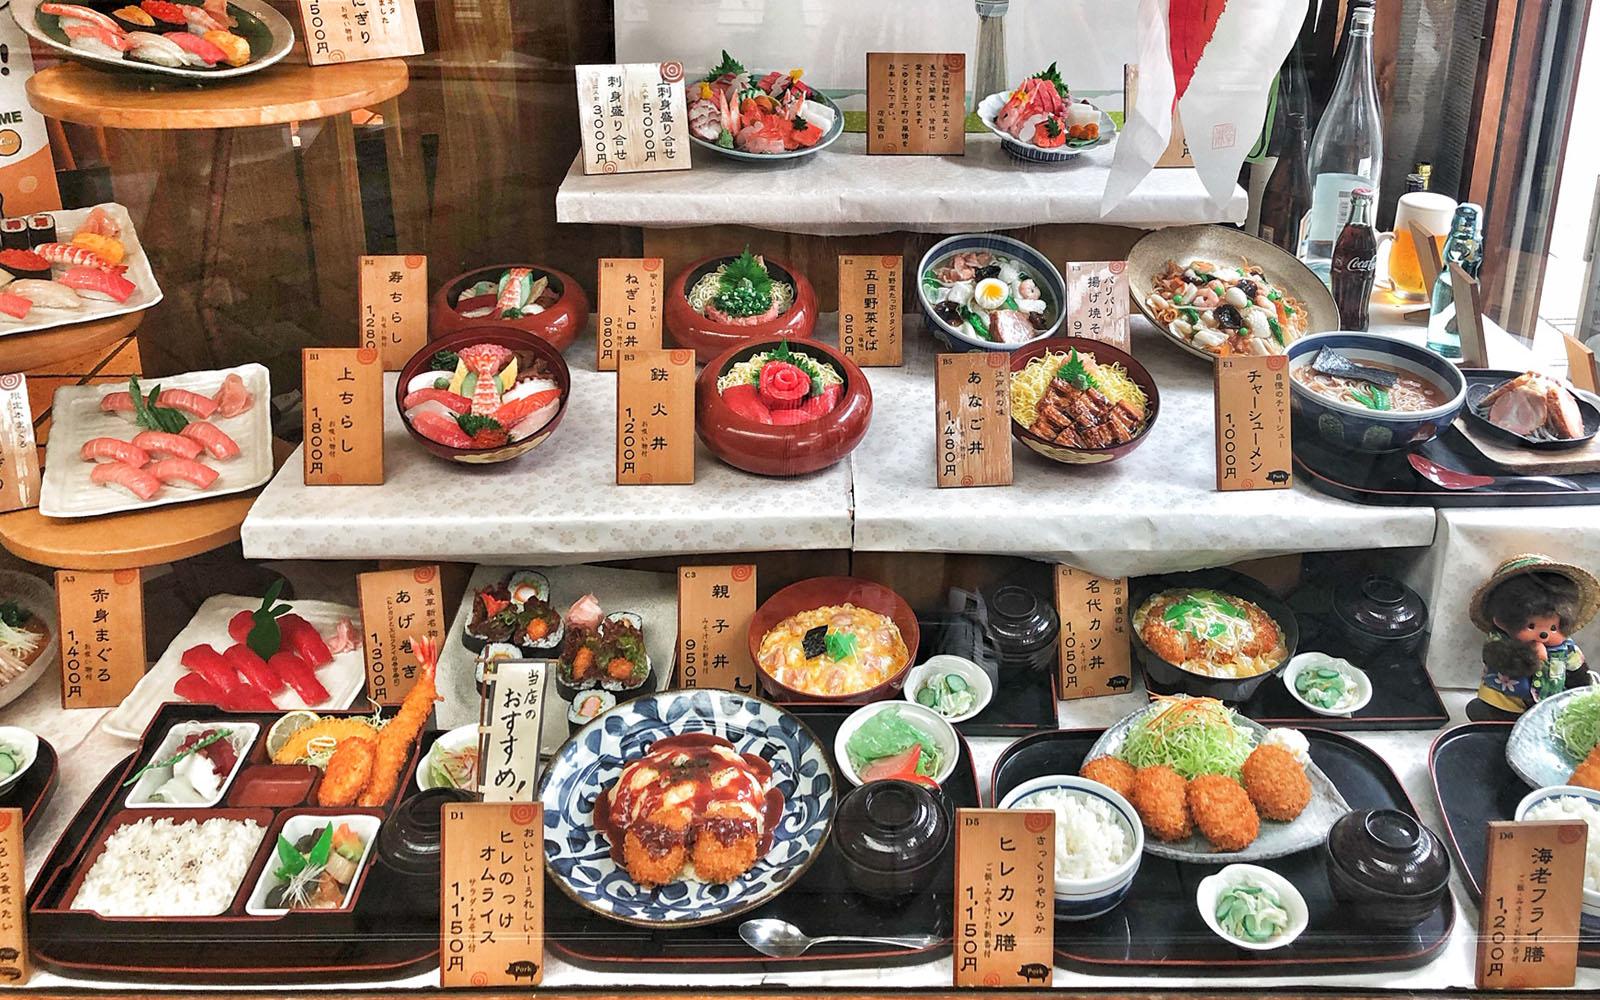 Le rappresentazioni dei piatti in PVCa Kappabashi-dōri.